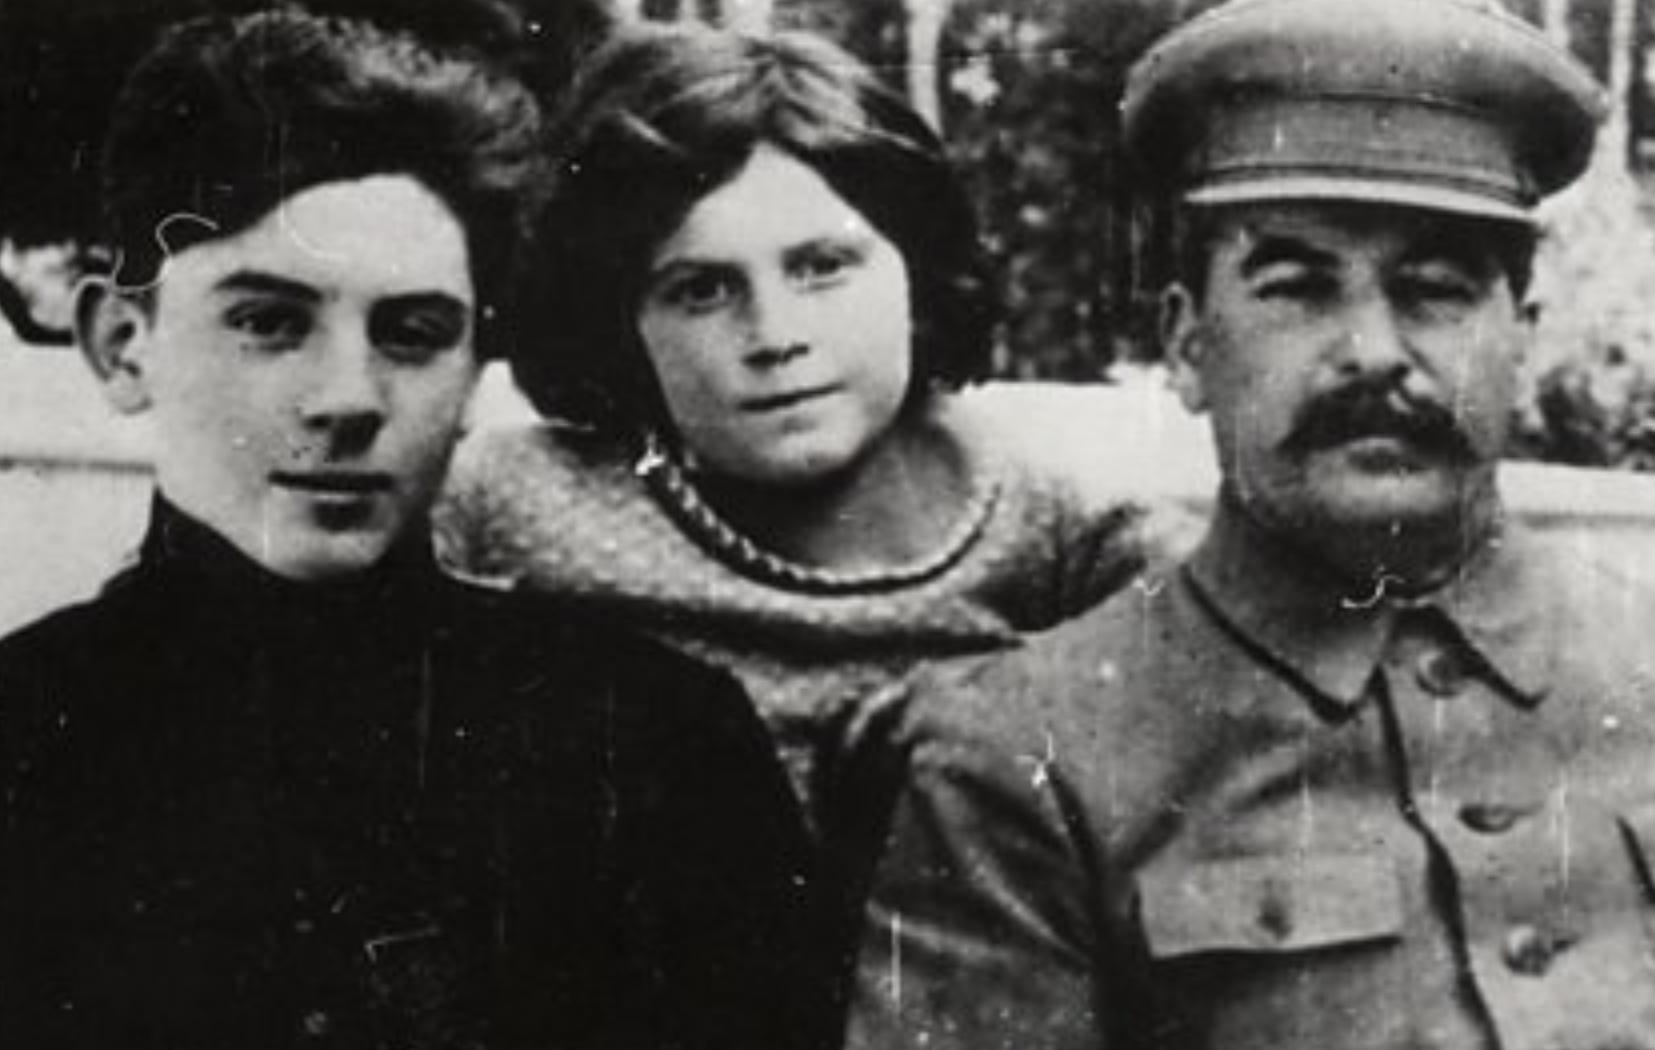 Si ia hodhi Stalinit i biri  me ekipin sovjetik të hokejit  dhe kuriozitete të tjera që mund tëmos i keni ditur